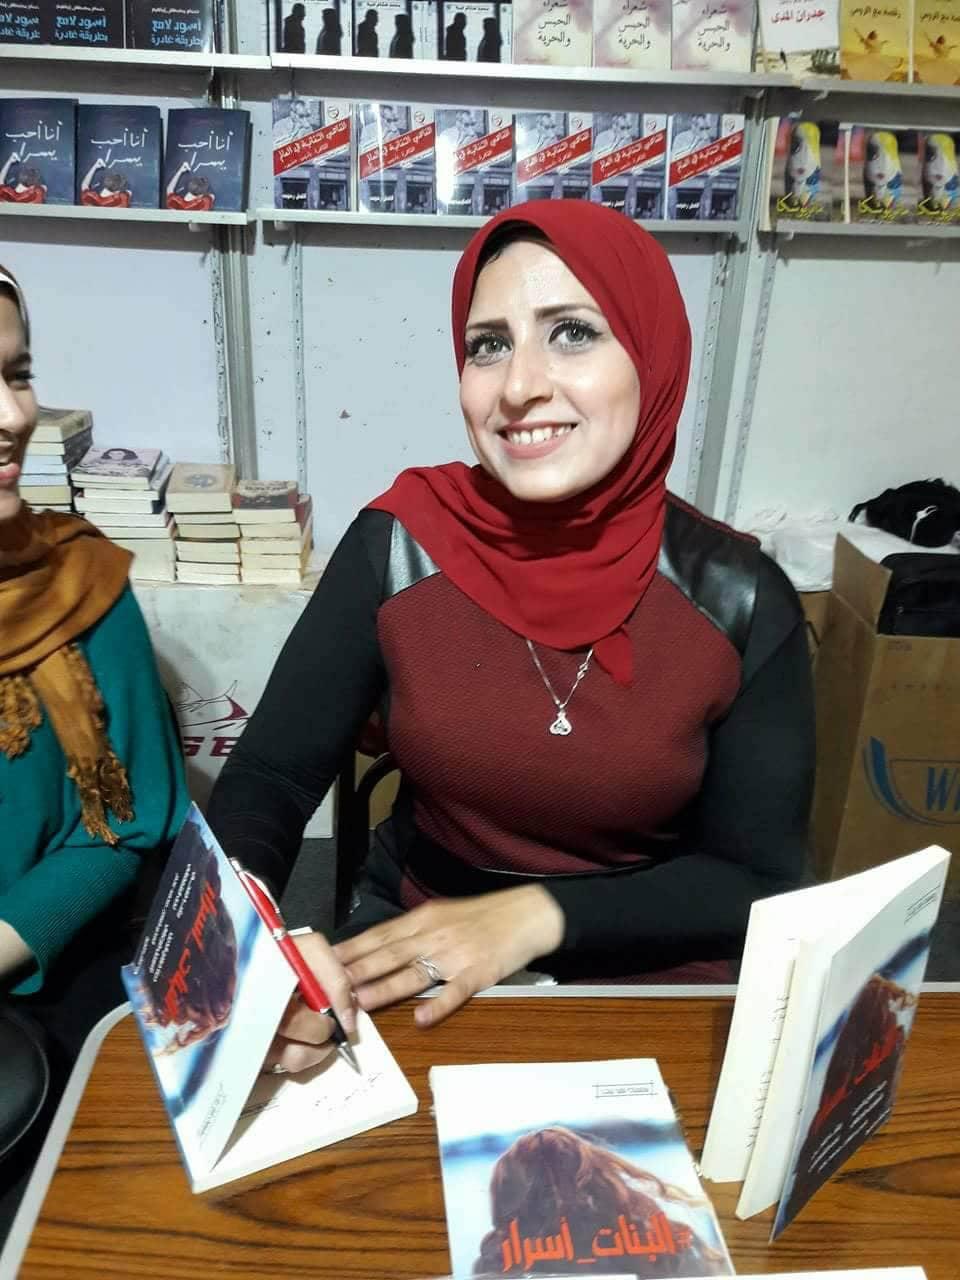 رشا فتحى توقع كتاب البنات أسرار بمعرض القاهرة للكتاب (5)